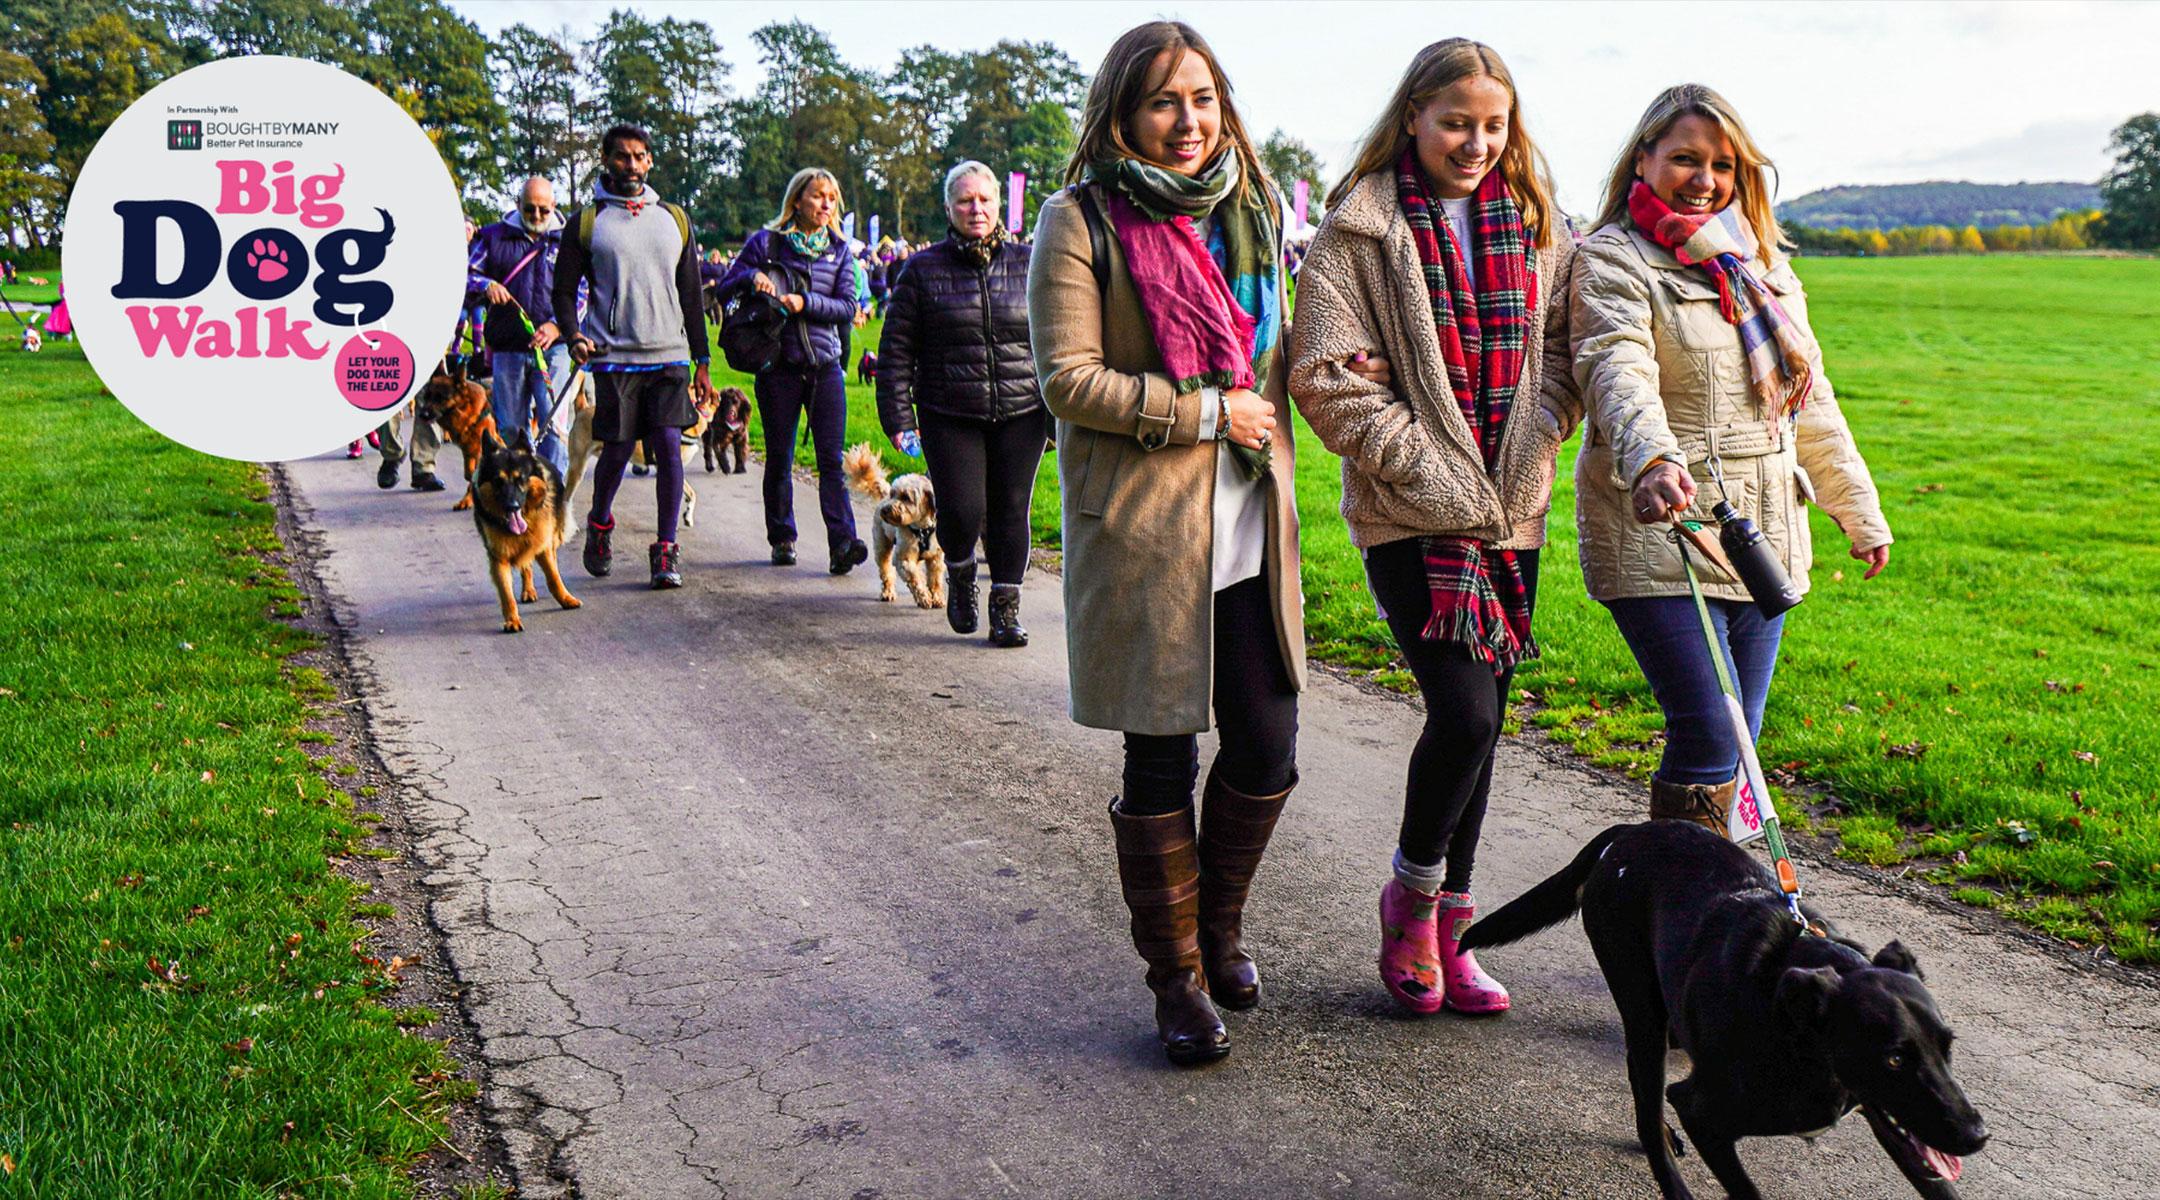 Big Dog Walk Surrey - 6 June